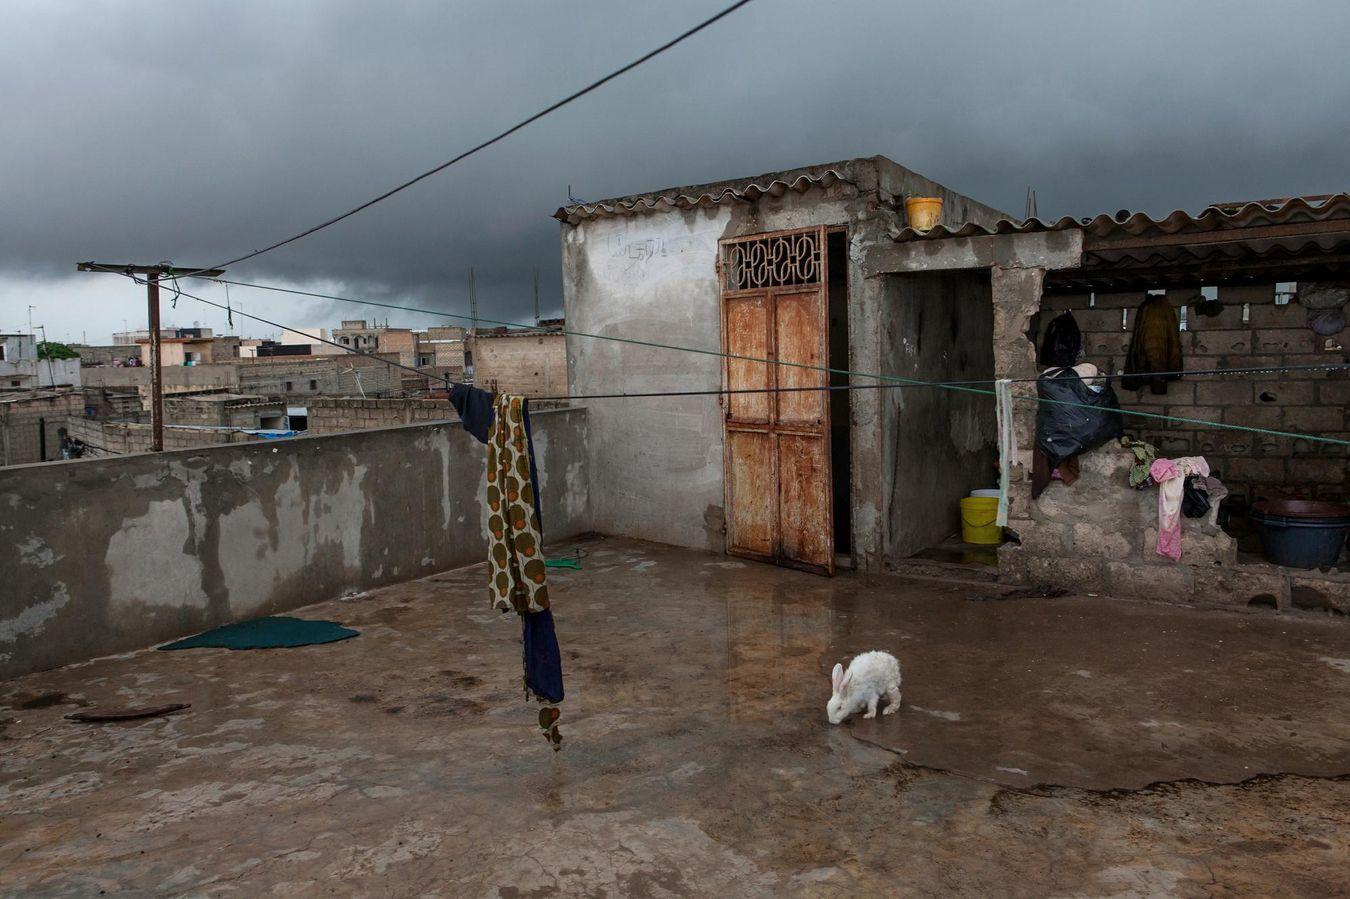 Les experts estiment qu'il faudra encore 5 ou 10 ans au gouvernement sénégalais pour régler les problèmes récurrents, comme les inondations, causés par le changement climatique. En 2013, Flurina Rothenberger, photographe suisse, a remporté un prix au Greenpeace Photo Award.